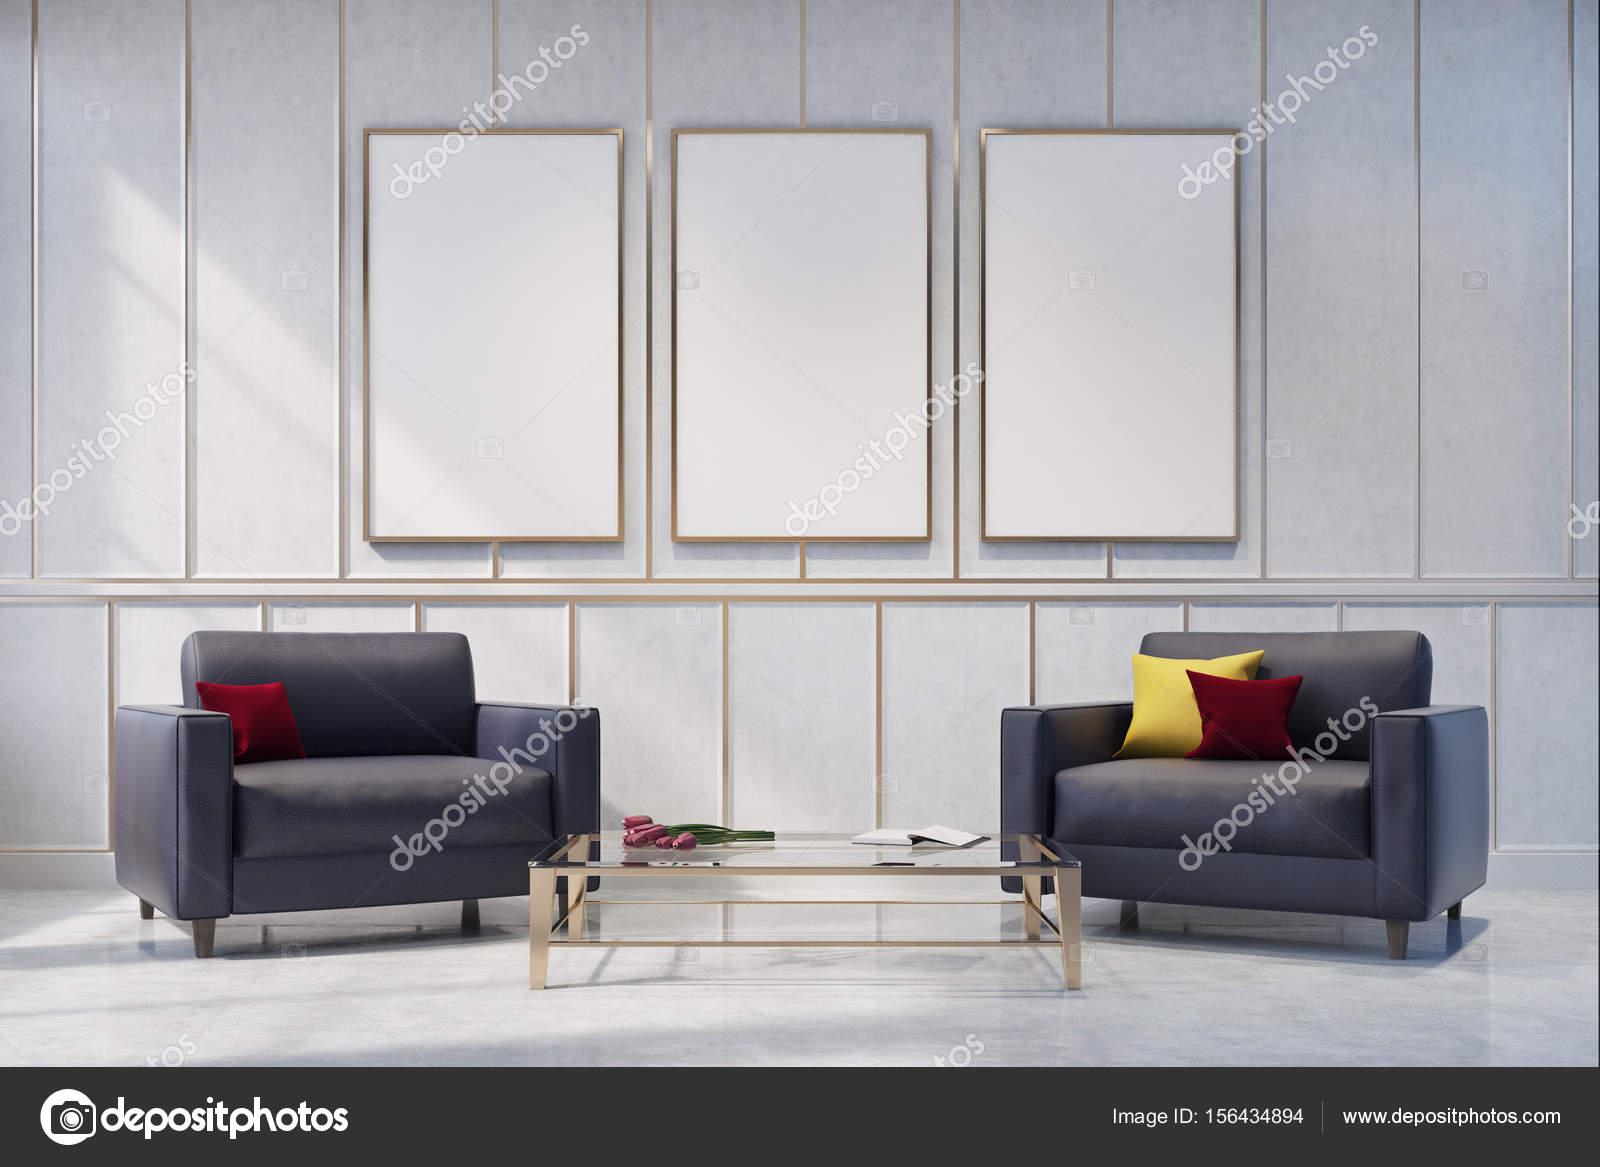 Duas Poltronas De Cinza Em Uma Sala De Estar Branca Stock Photo  -> Parede Galeria Sala